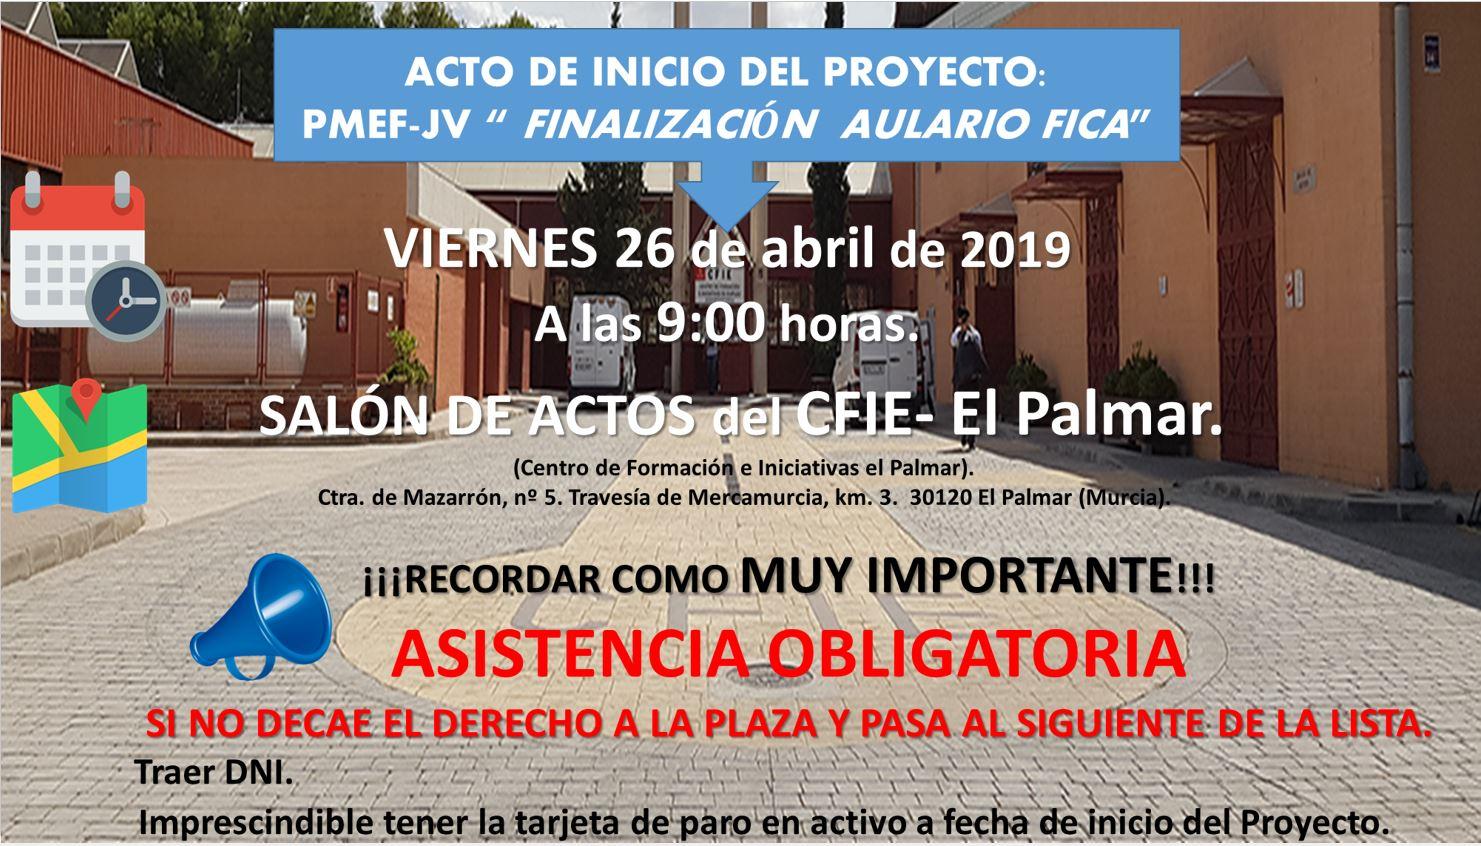 ACTO DE INICIO DEL PROGRAMA MIXTO DE EMPLEO Y FORMACIÓN PARA JÓVENES (PMEF-JV)/ FINALIZACIÓN AULARIO FICA...